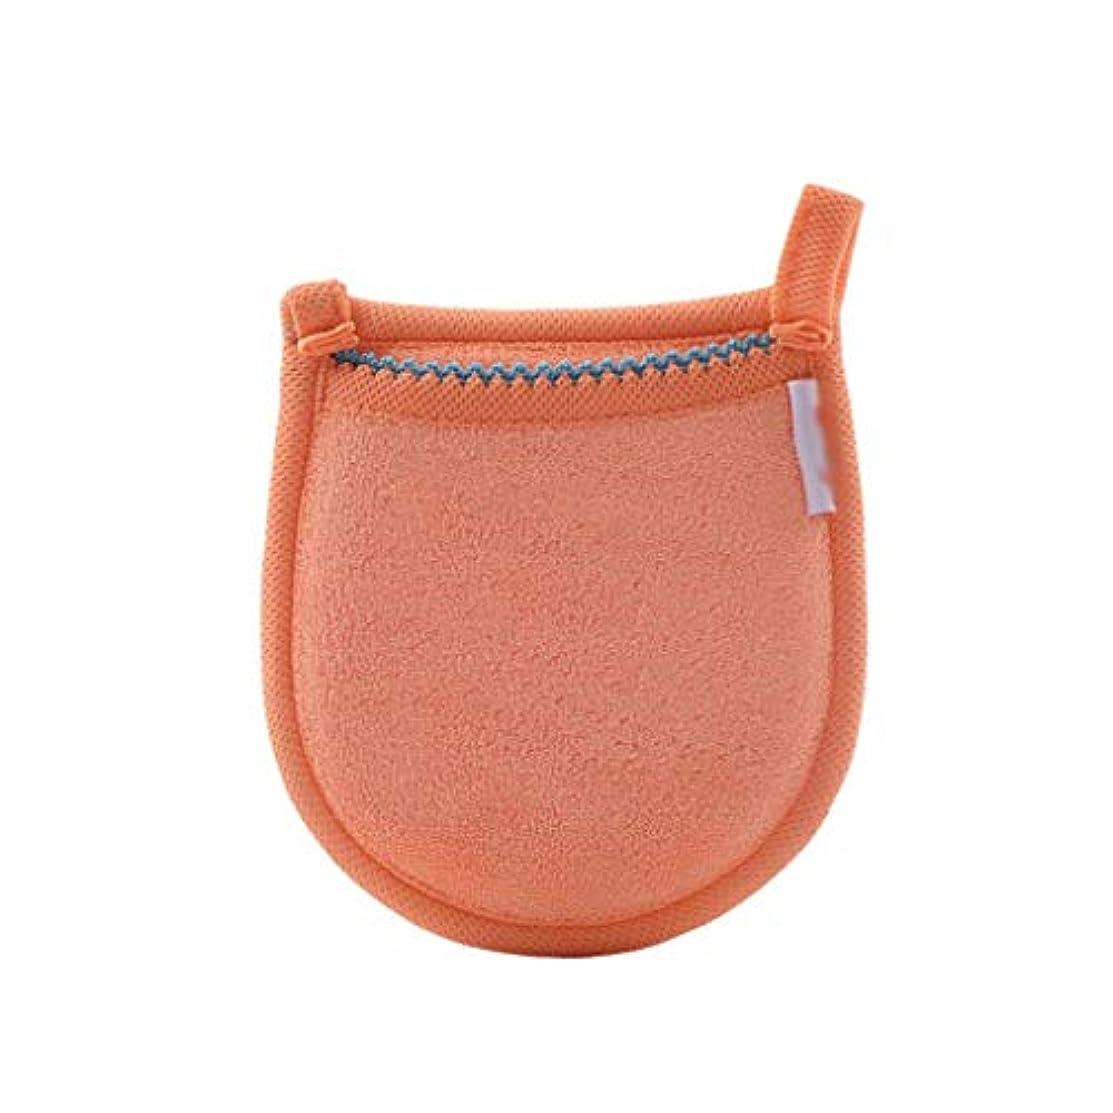 つなぐ顕微鏡ペインギリック1ピースフェイシャル竹炭スポンジフェイスメイク落とし美容再利用可能なフェイスタオルクリーニンググローブ洗濯メイクアップツール (Color : Orange)